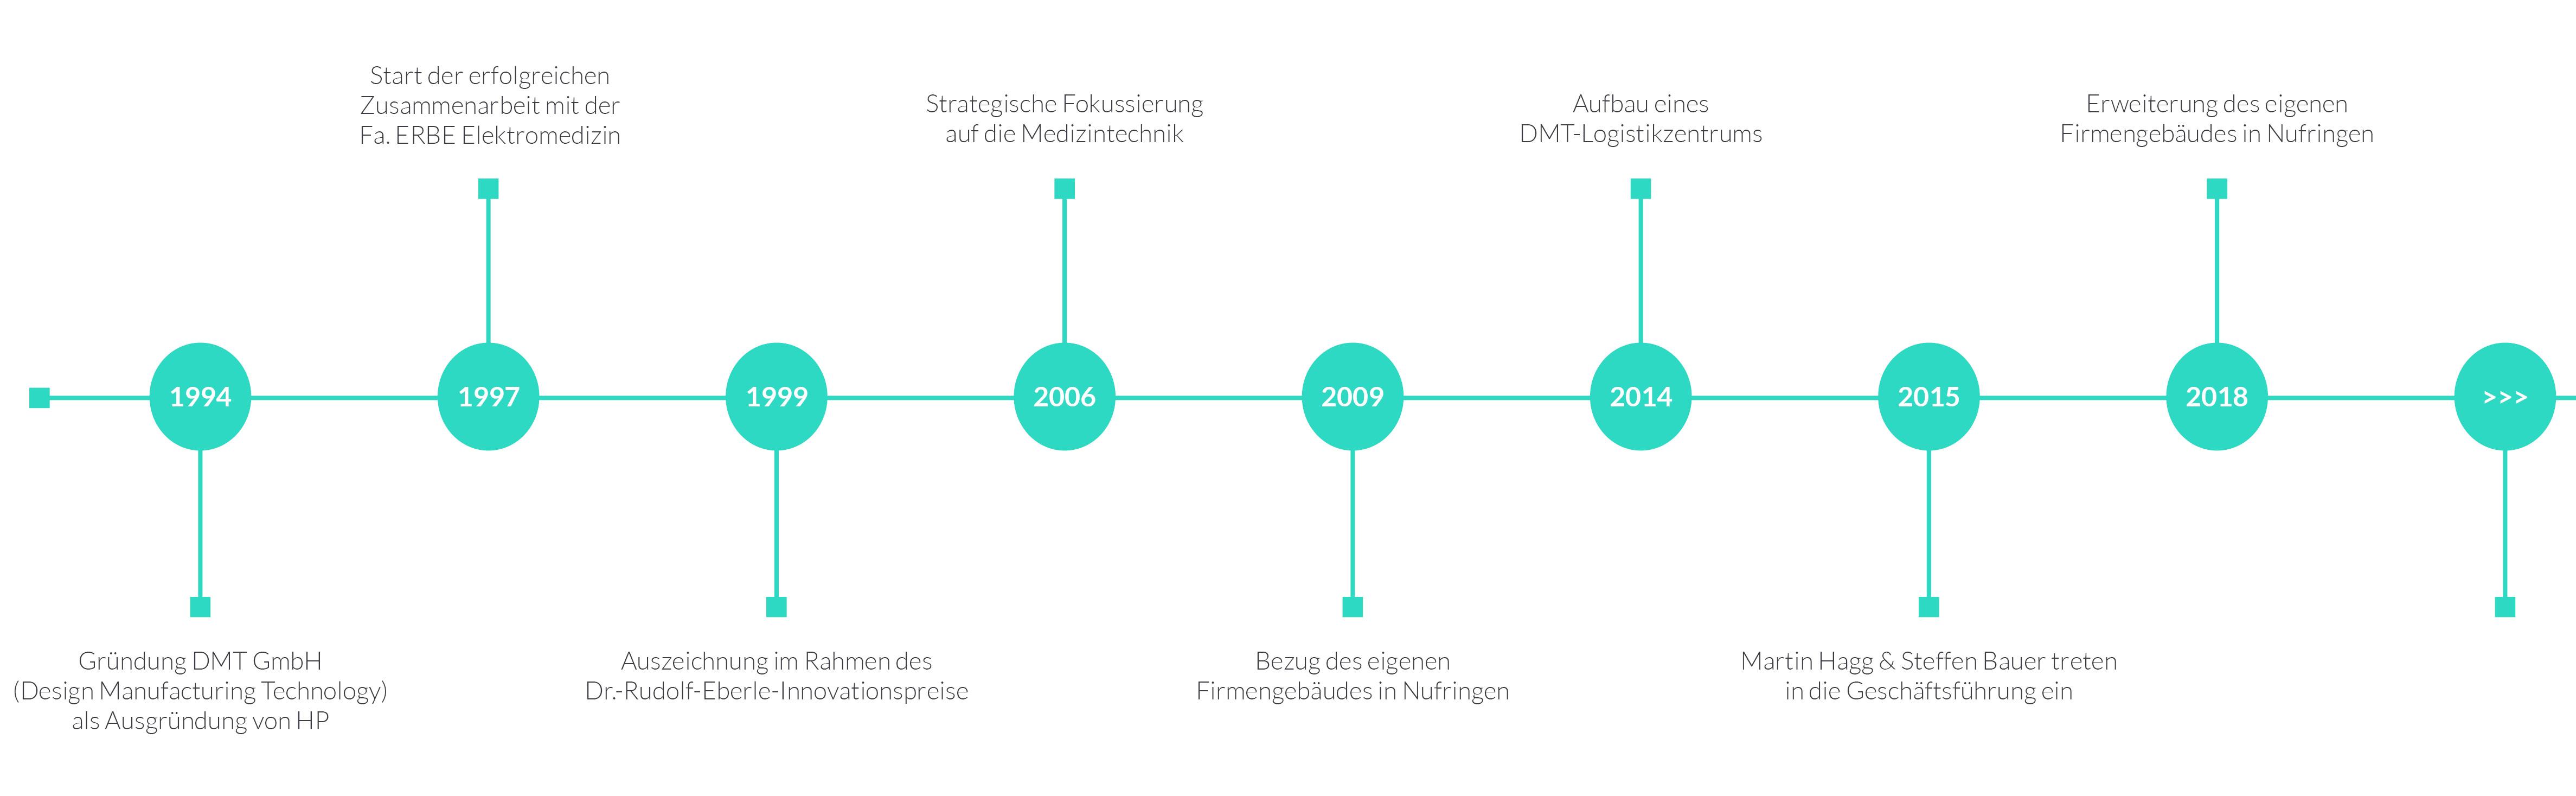 Zeitstrahl der Unternehmensgeschichte der DMTpe.